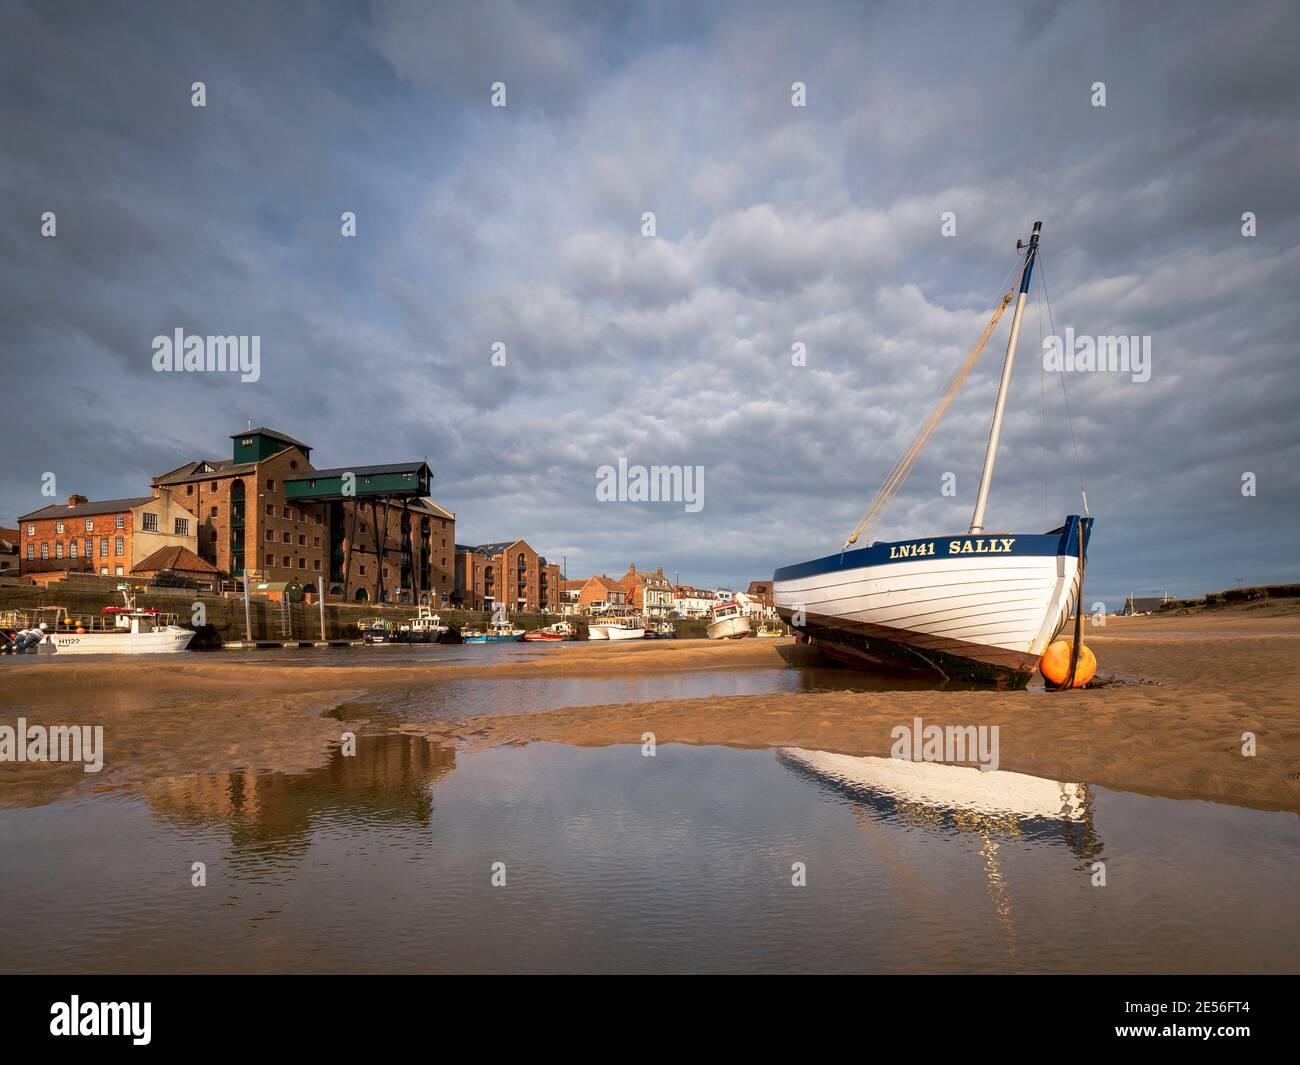 Bateau à ramer en bois sur les rives de sable du port de Wells. Banque D'Images